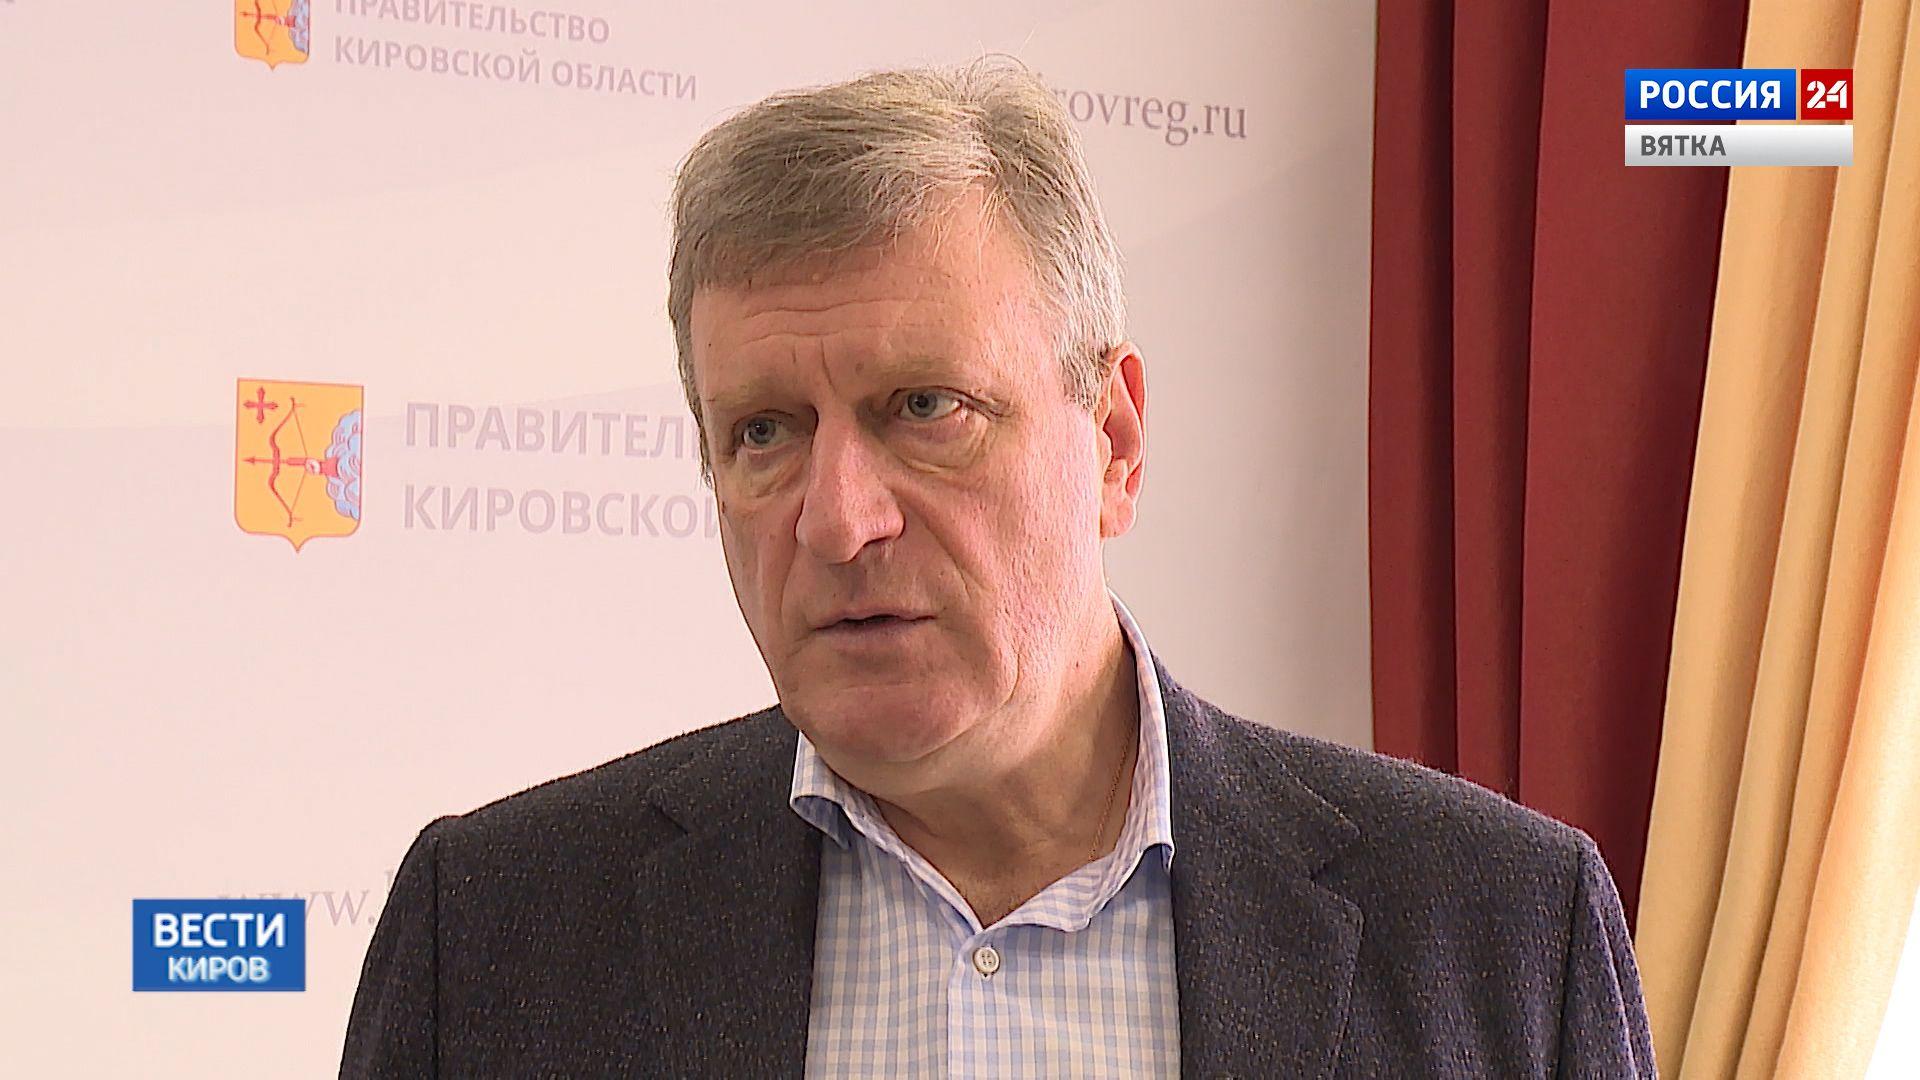 Игорь Васильев обратился к кировчанам с напоминанием о необходимости строго соблюдать карантинные мероприятия